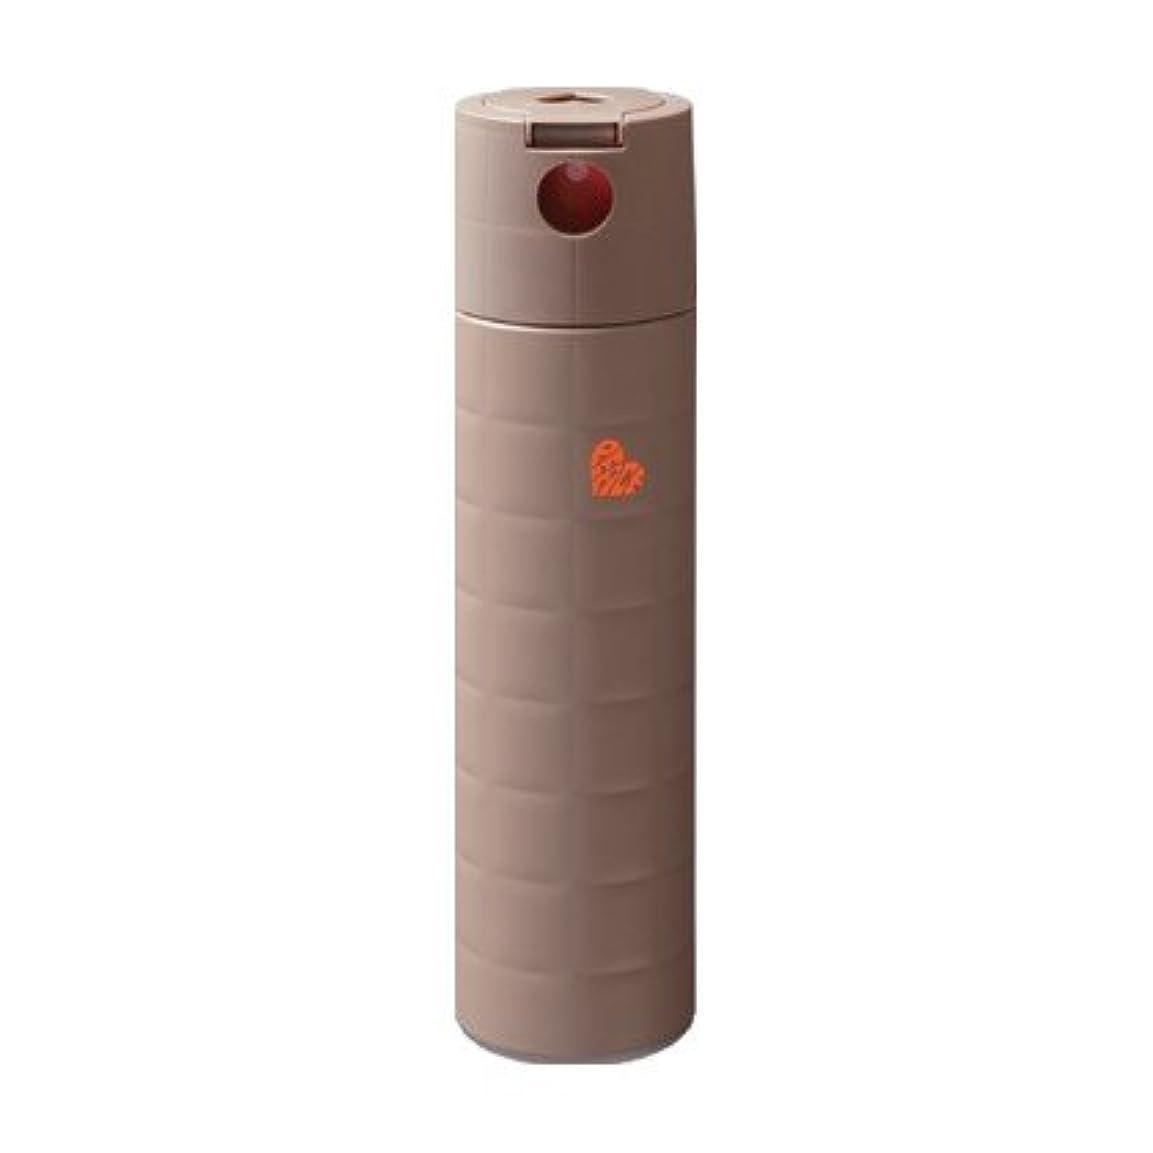 許可麻痺ロバアリミノ ピース ワックスspray カフェオレ 143g(200ml) スプレーライン ARIMINO PEACE